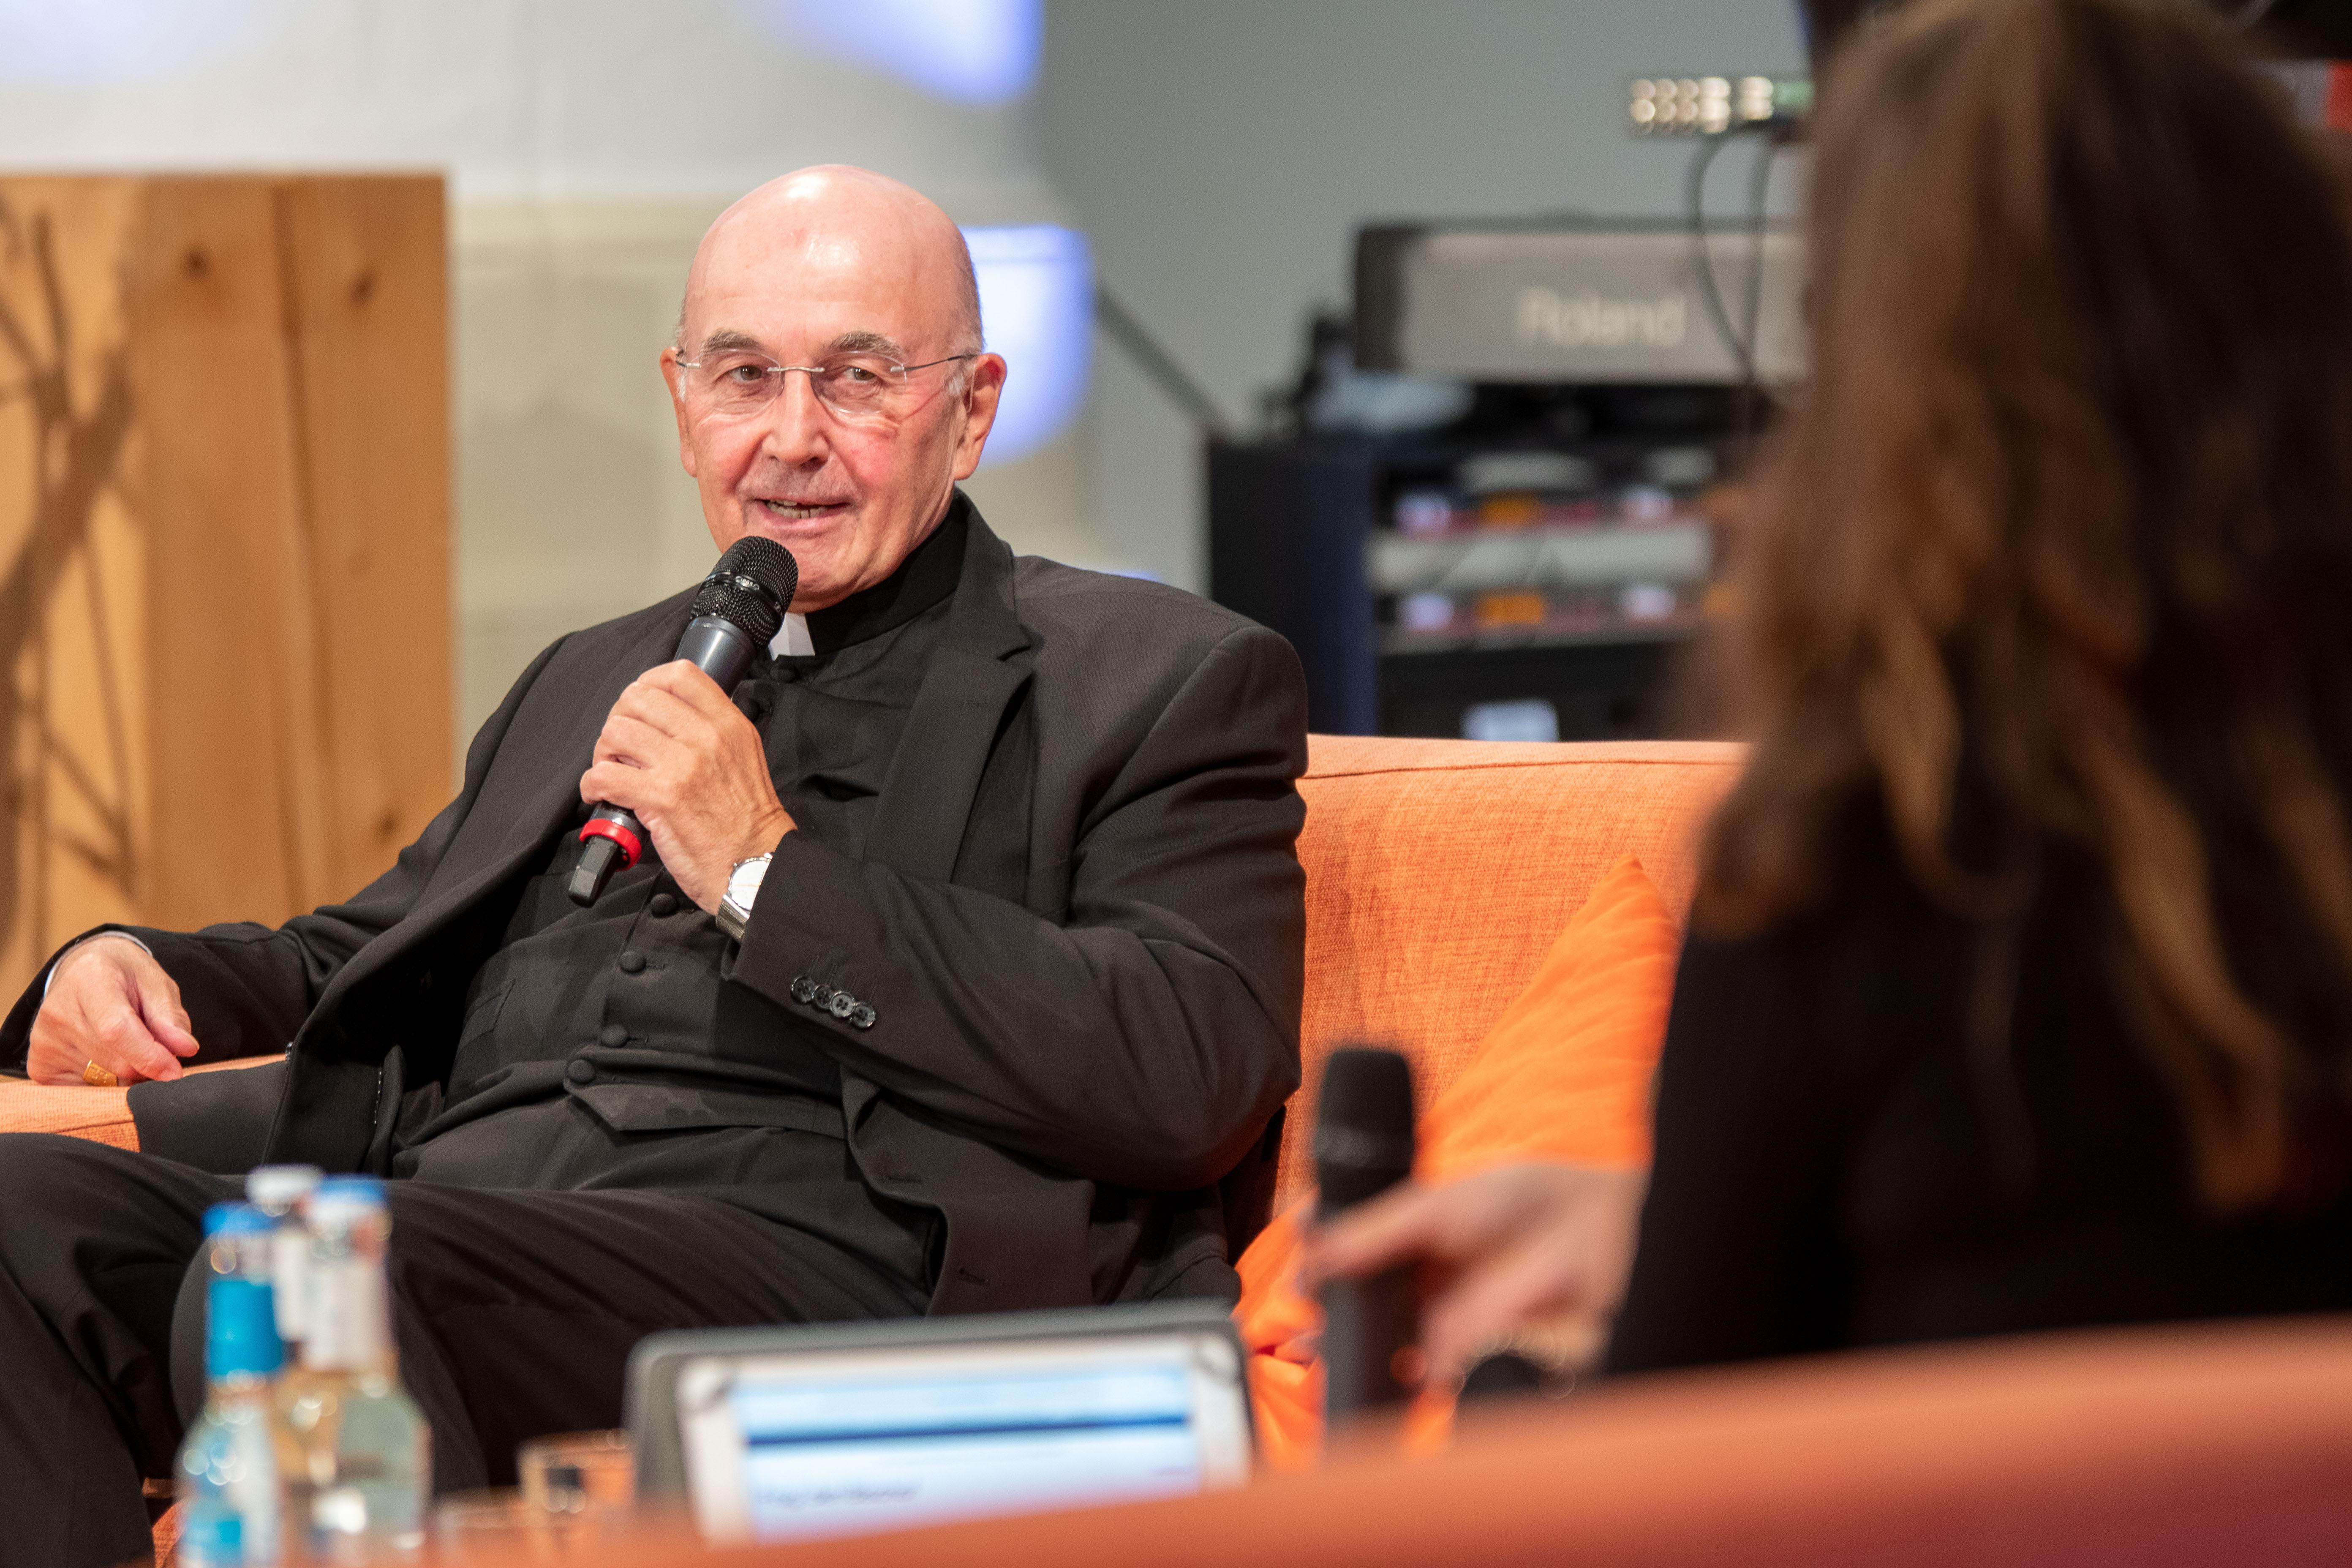 Bischof Genn beantwortet Fragen der Zuhörer